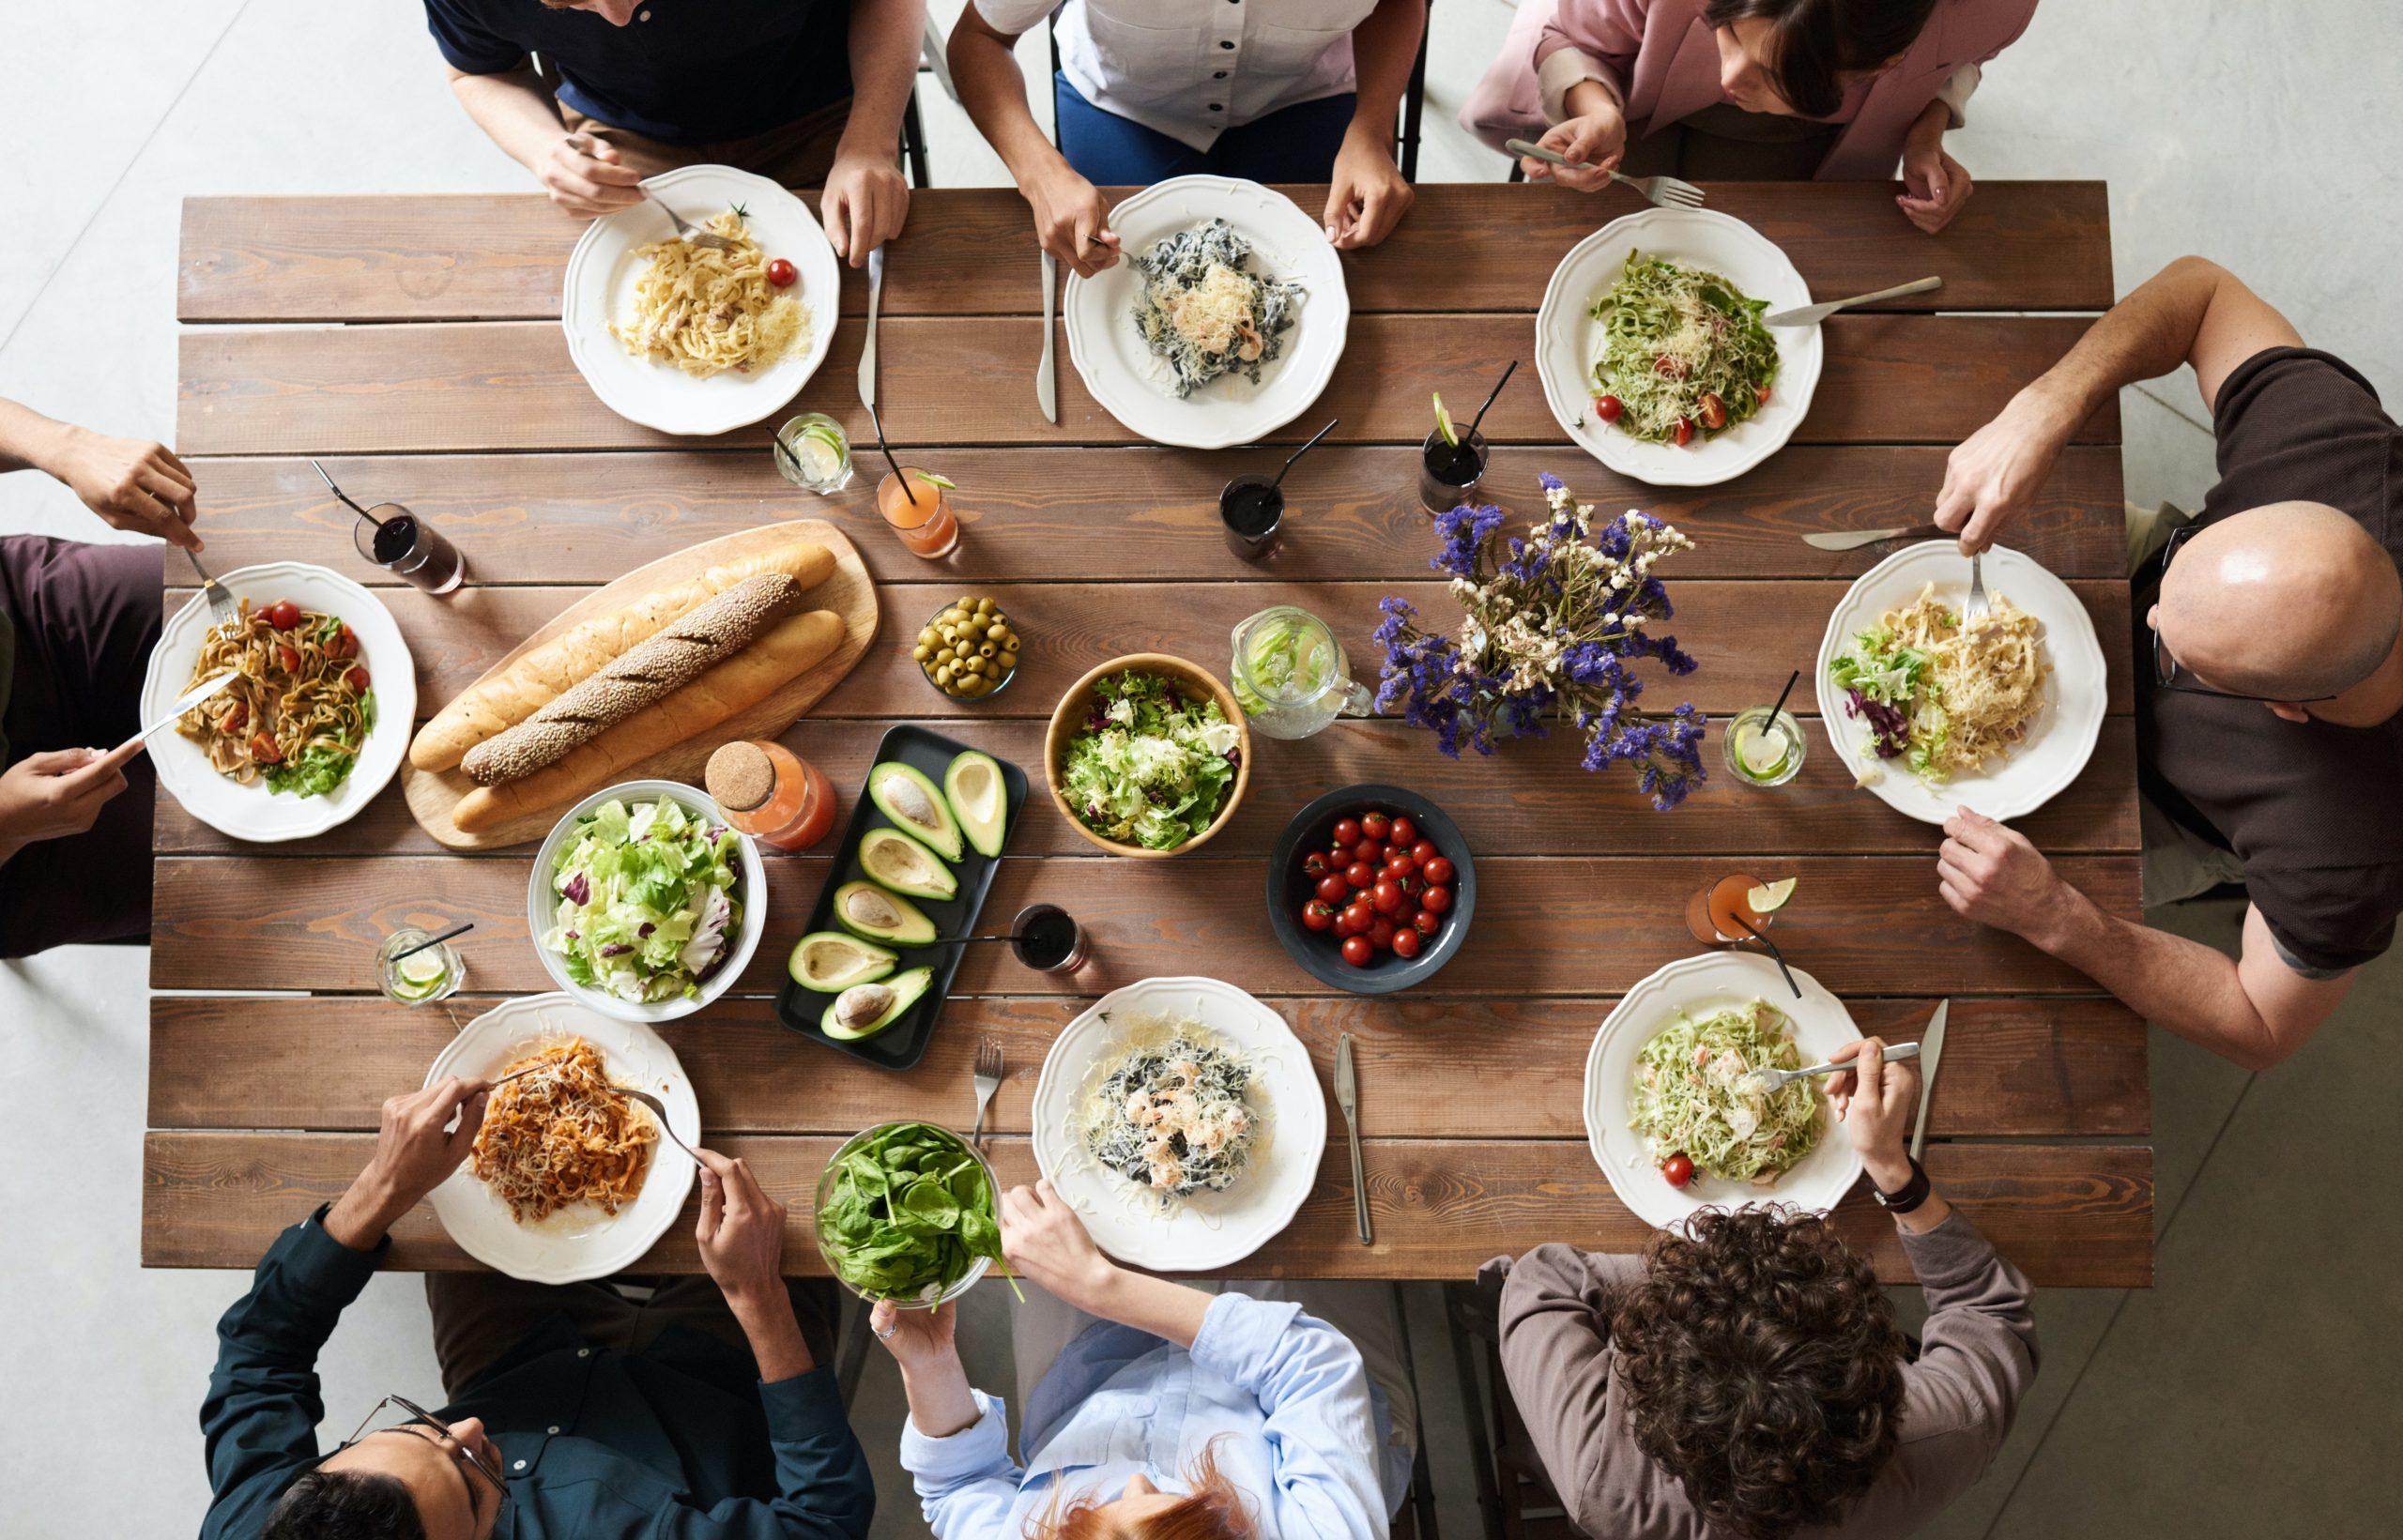 groupfood